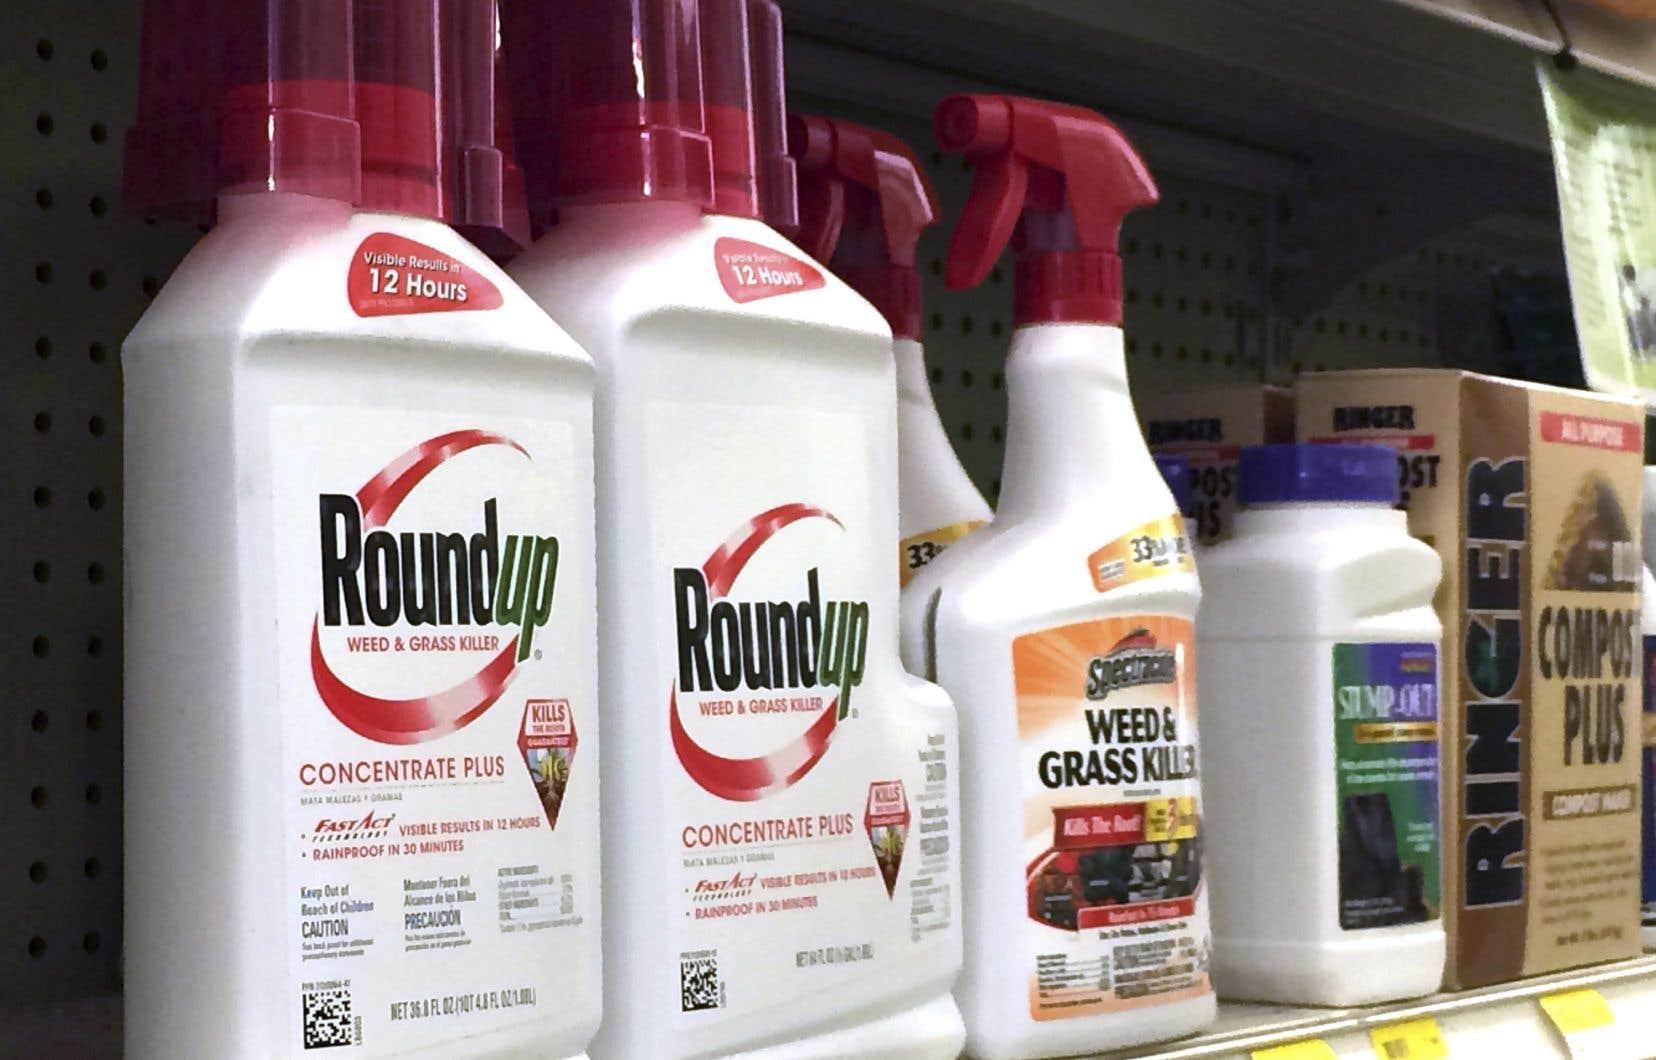 Le glyphosate est l'ingrédient actif du Roundup de Monsanto, l'herbicide le plus vendu au Canada.